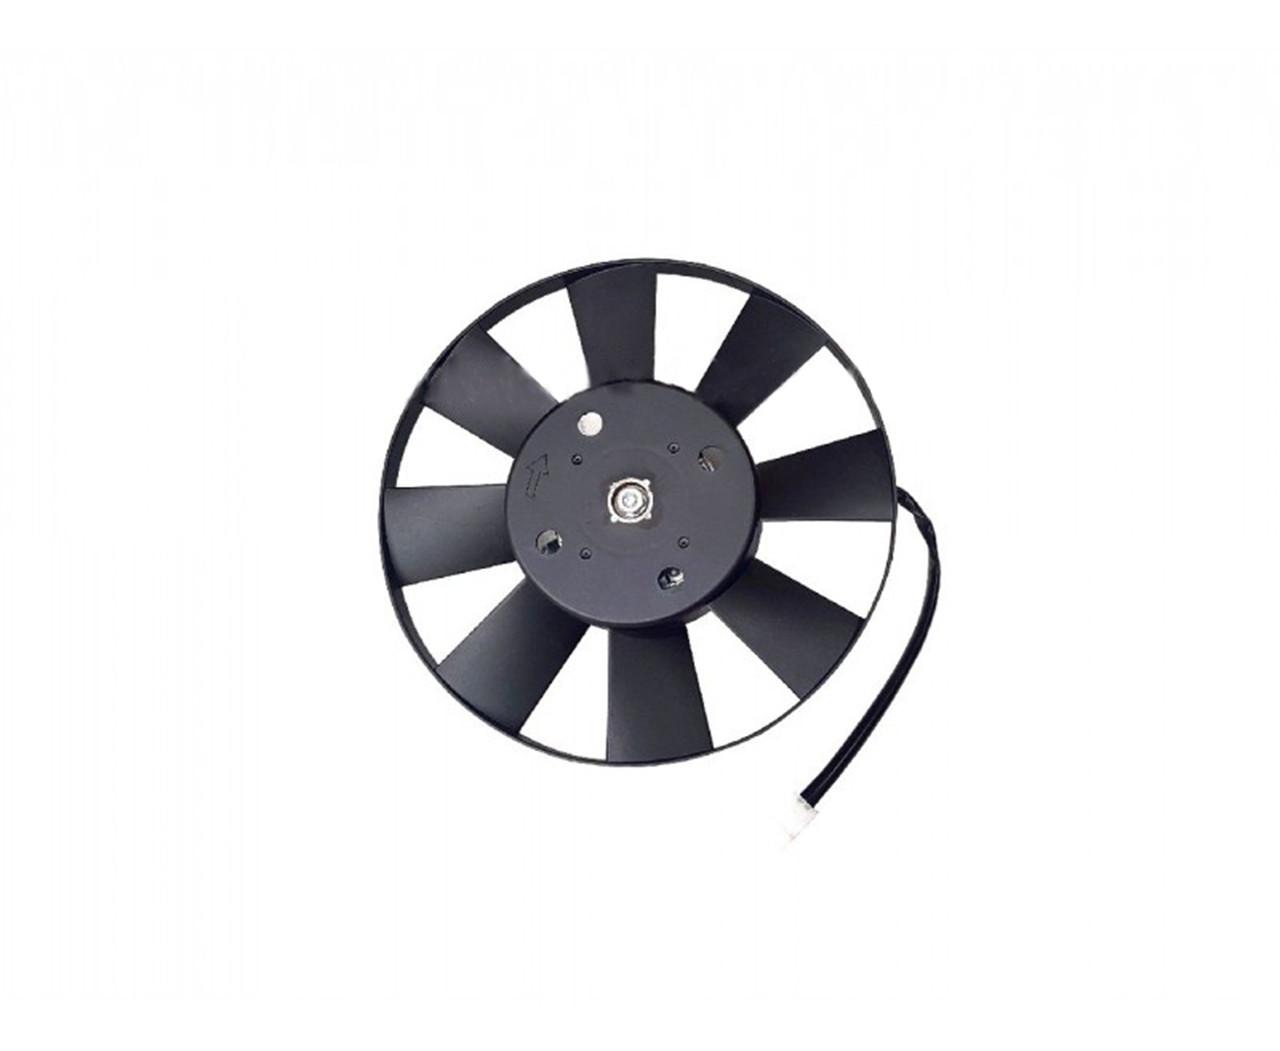 Электровентилятор охлаждения радиатора ВАЗ 2103-2115, Москвич 2141, ИЖ-ОДА 2126, 2717 AT